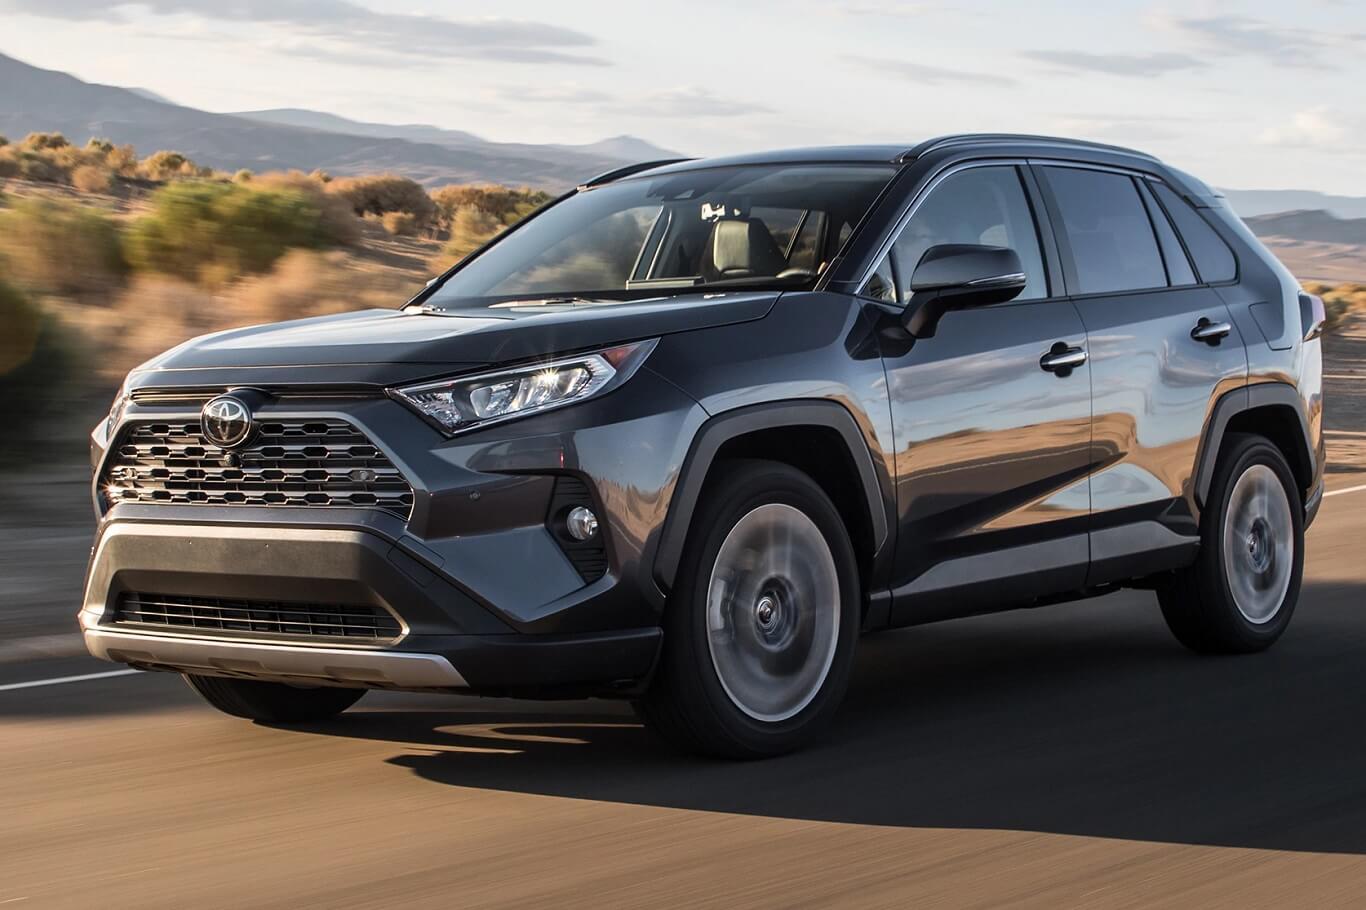 Toyota 4runner redesign